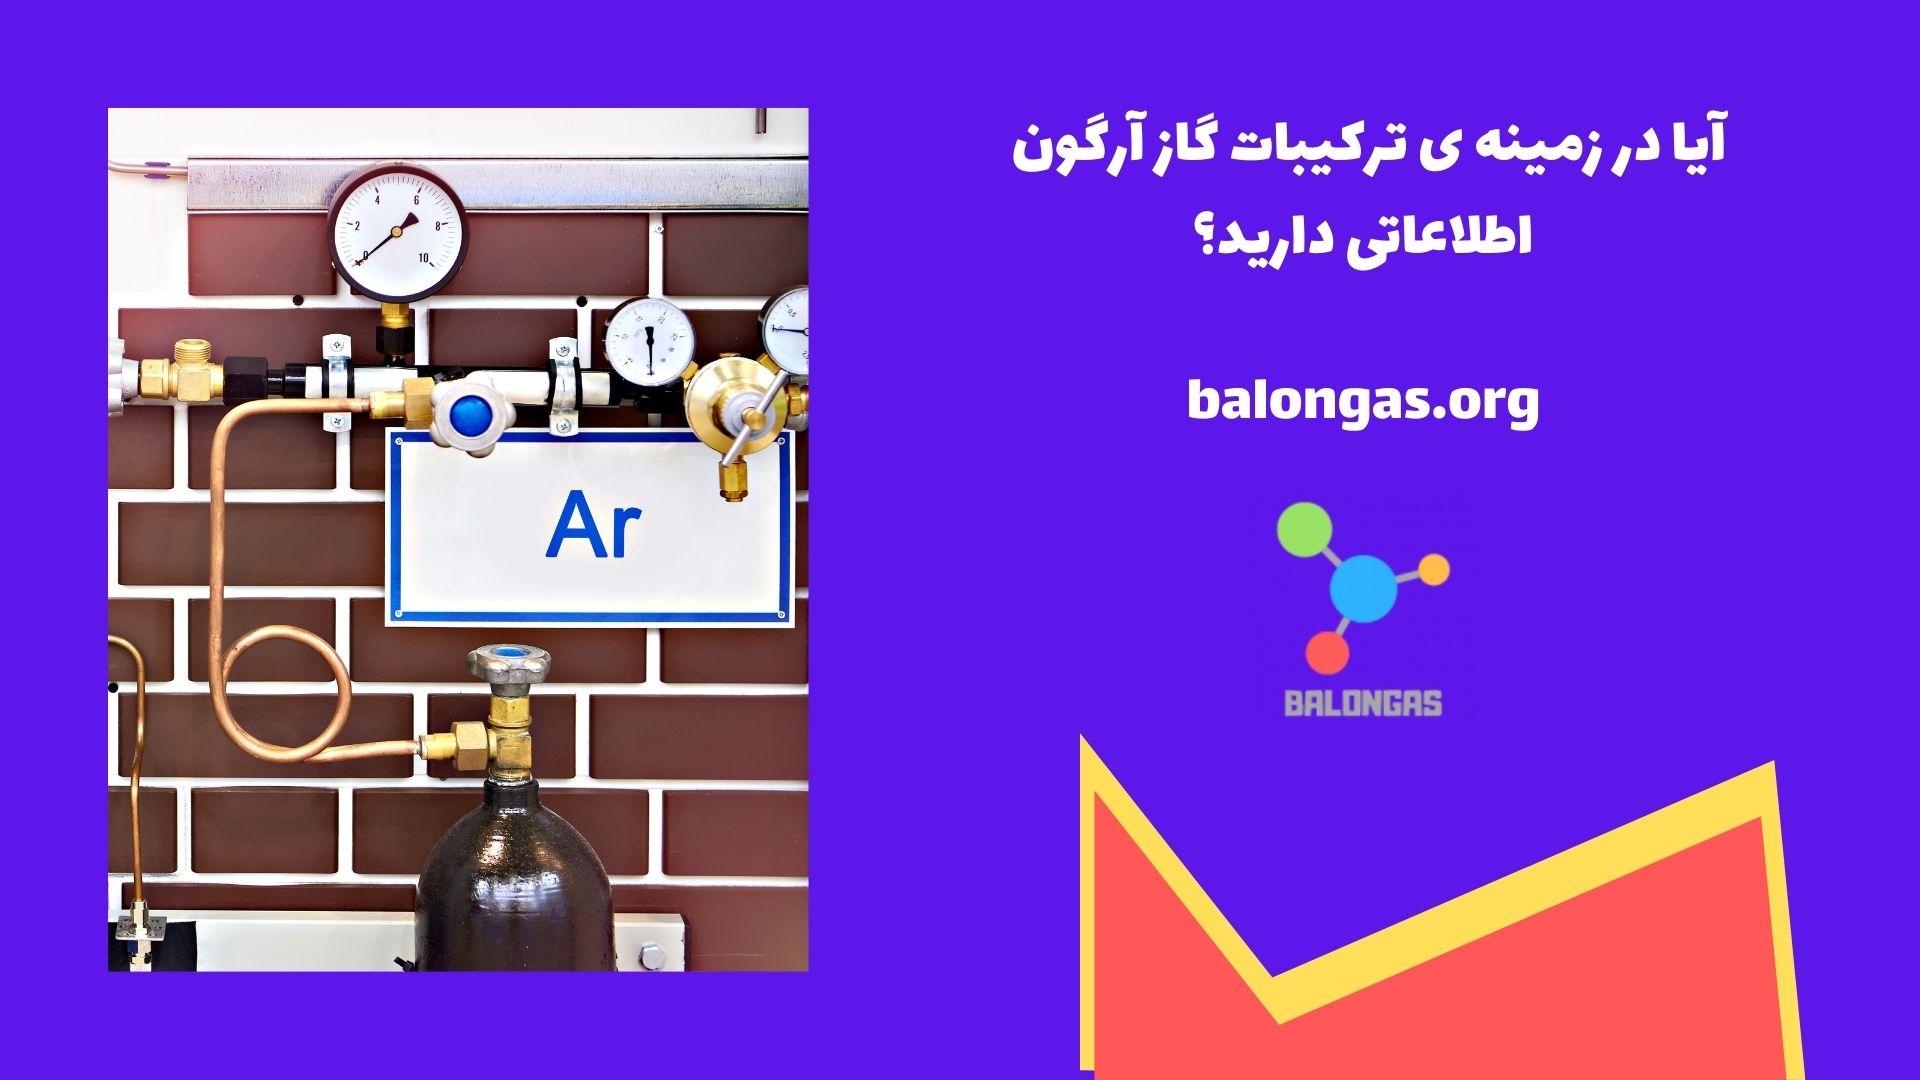 آیا در زمینه ی ترکیبات گاز آرگون اطلاعاتی دارید؟